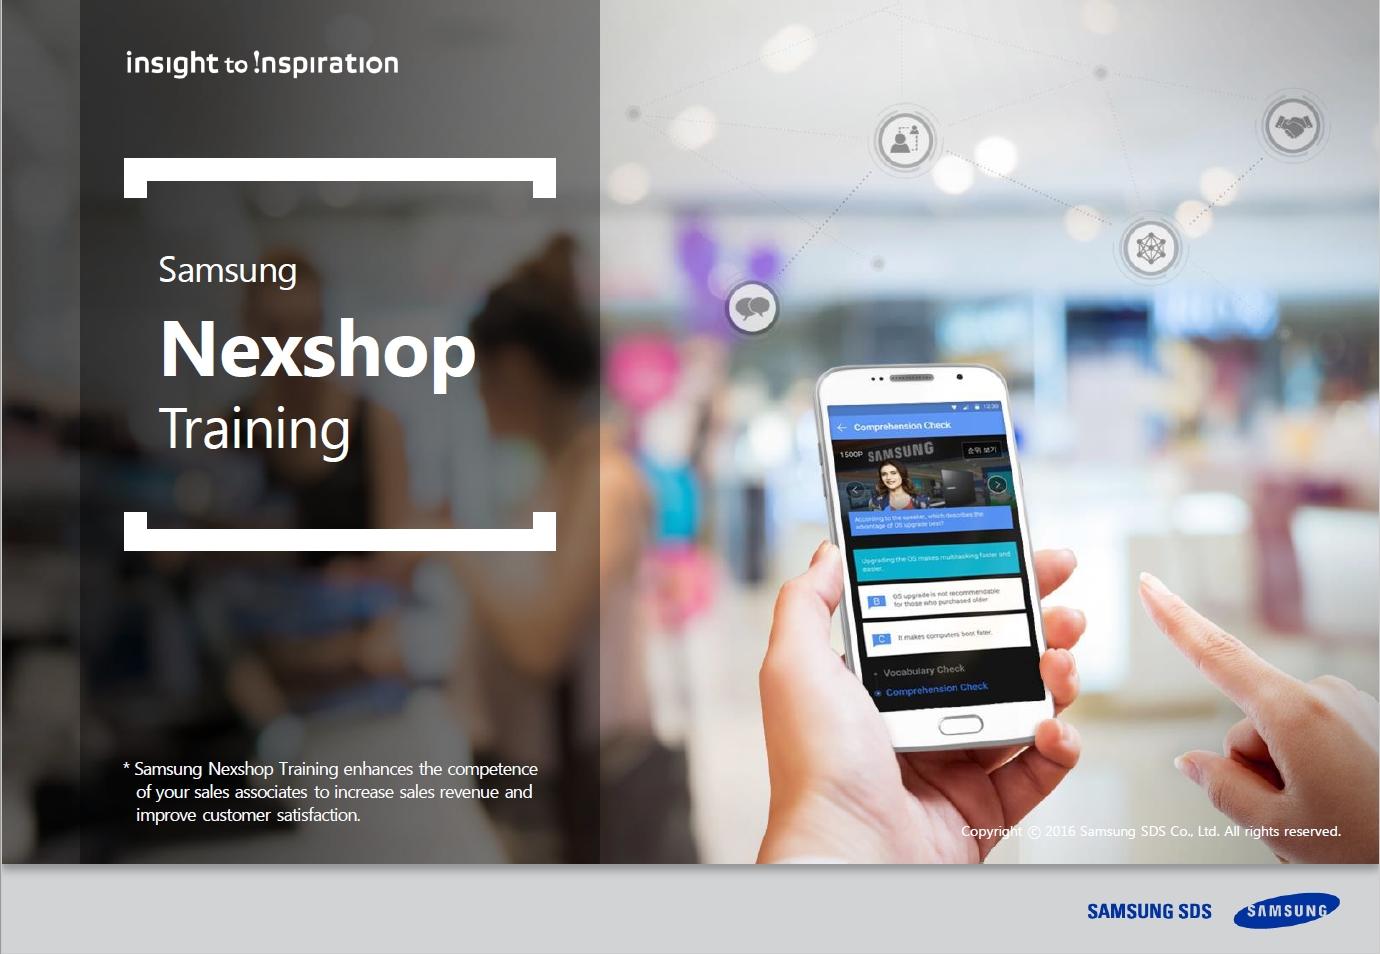 [Nexshop Training][PRESENTATION] Transforme seus estagiários em especialistas de produtos (Transform your trainees into product experts)